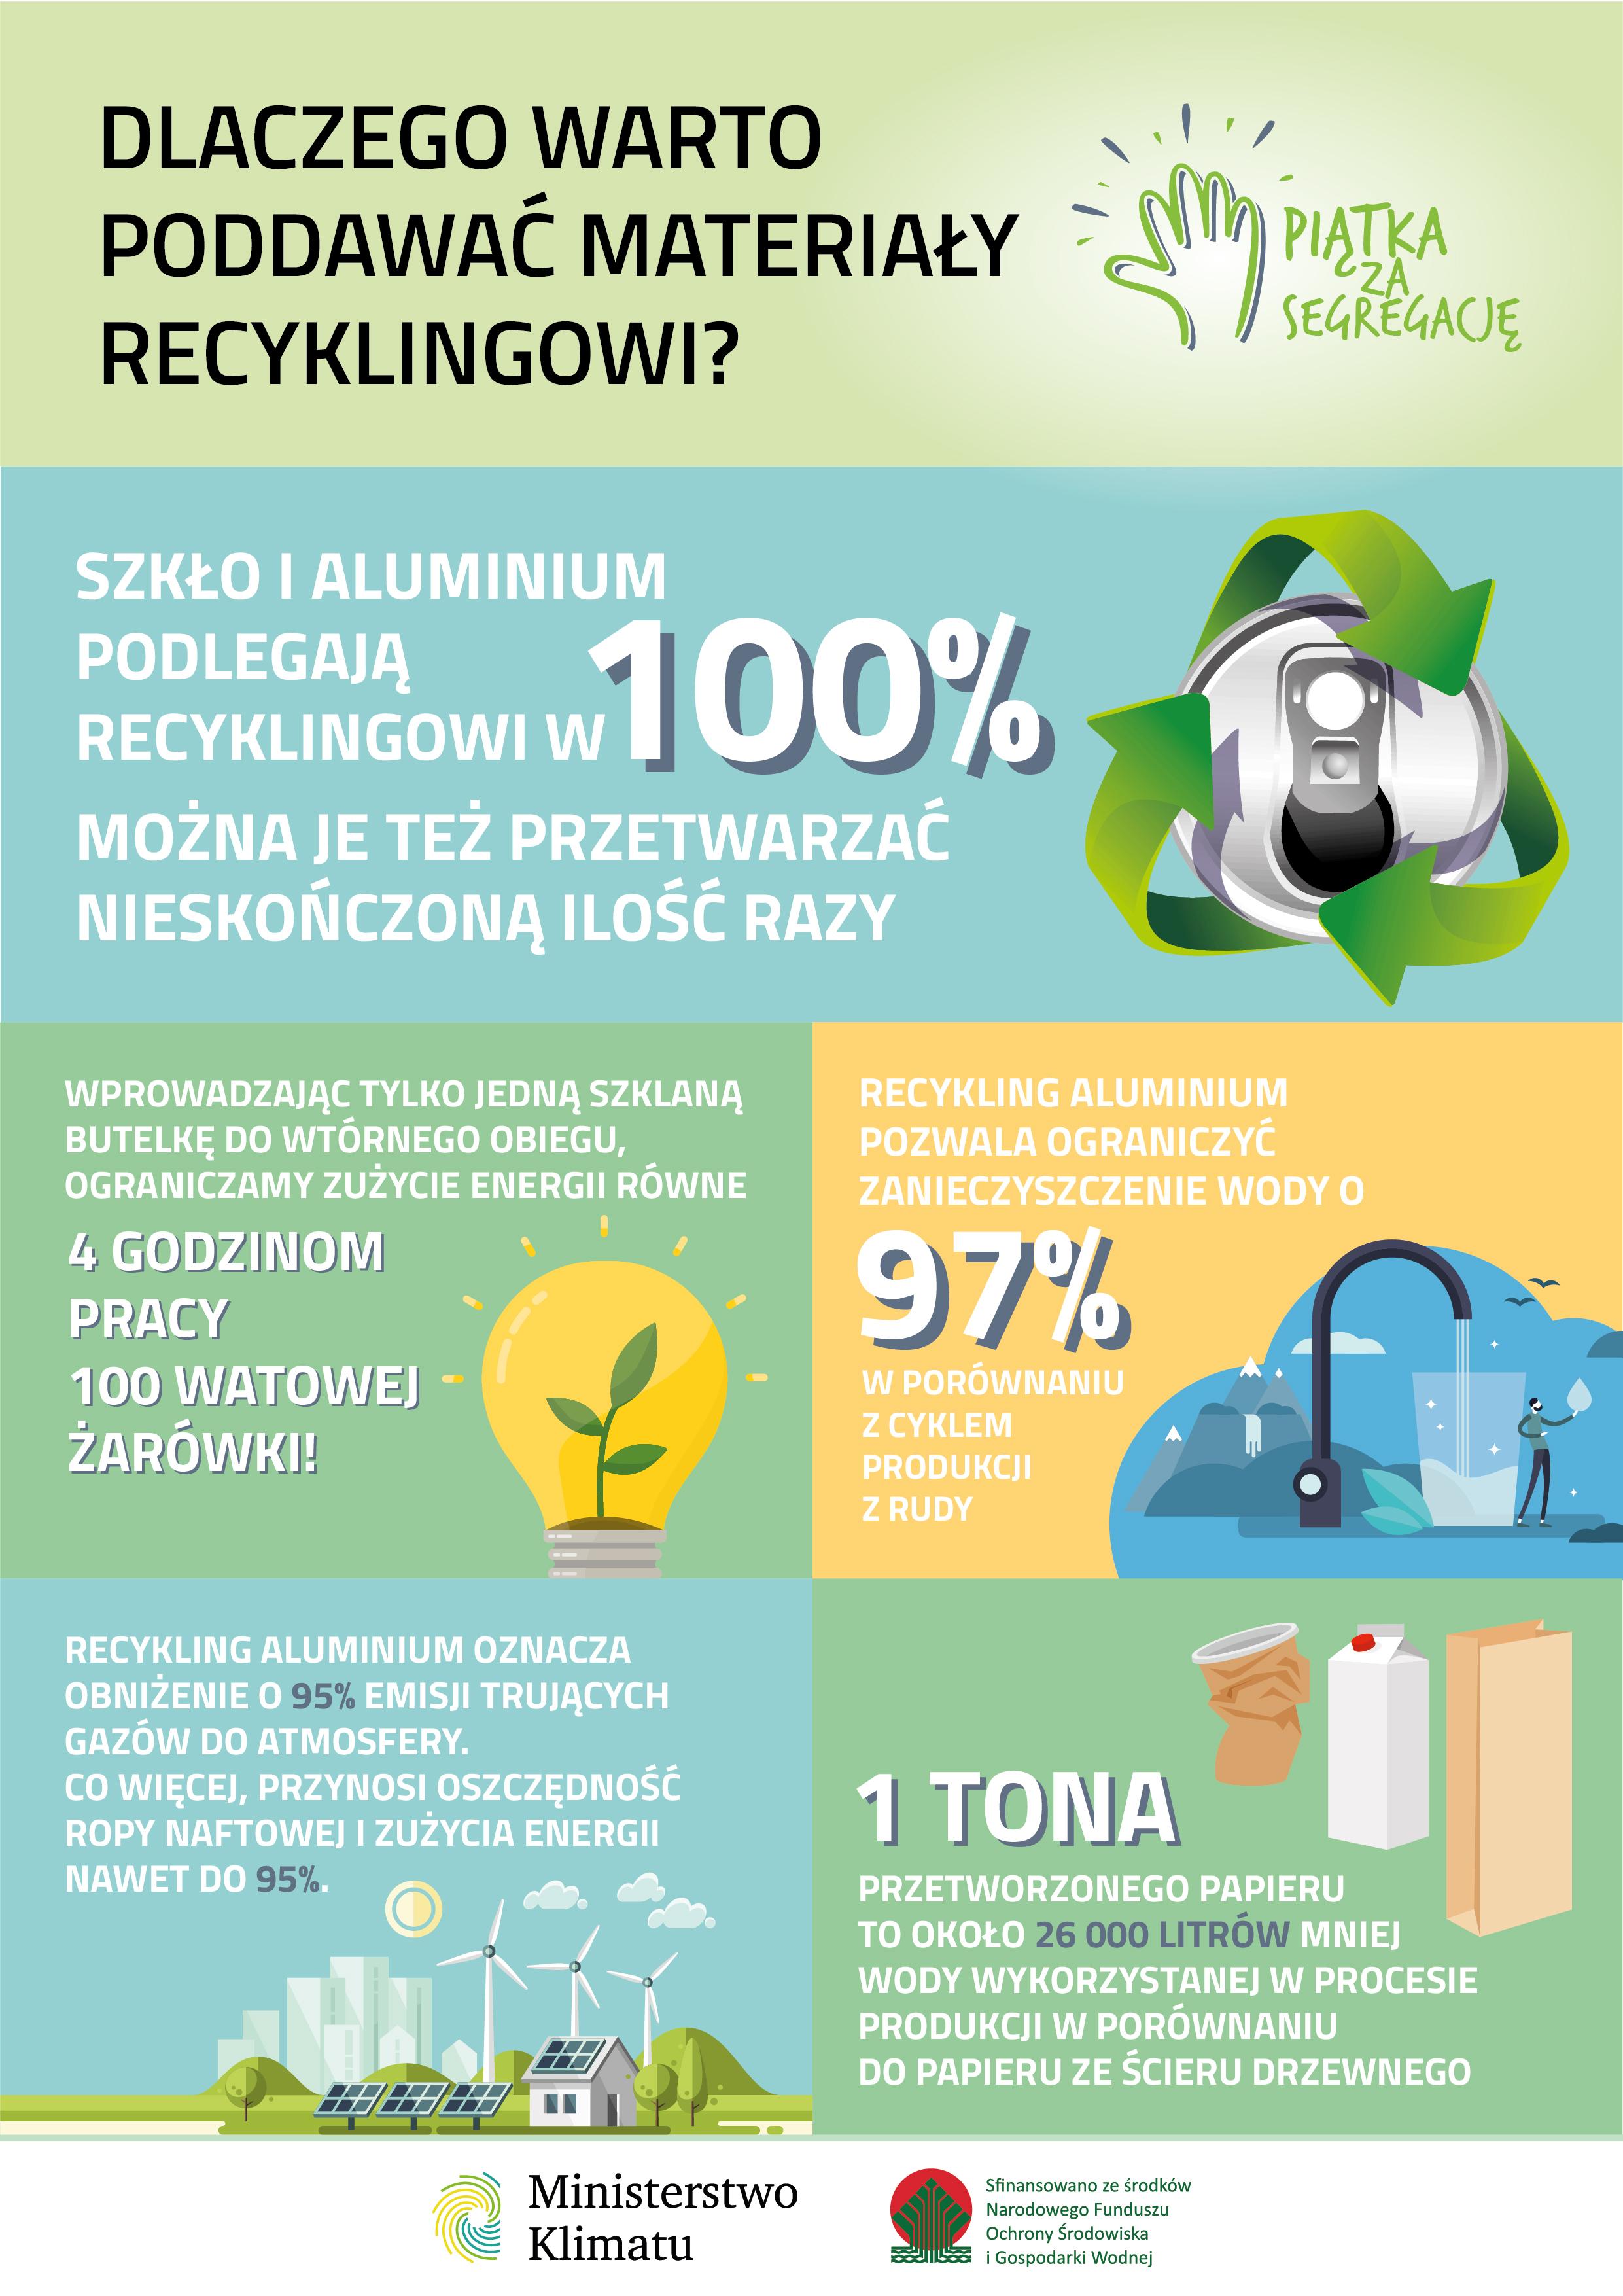 Ministerstwo Klimatu_infografika_segregacja_dlaczego warto poodawać materiały recyklingowi.jpg (2.23 MB)